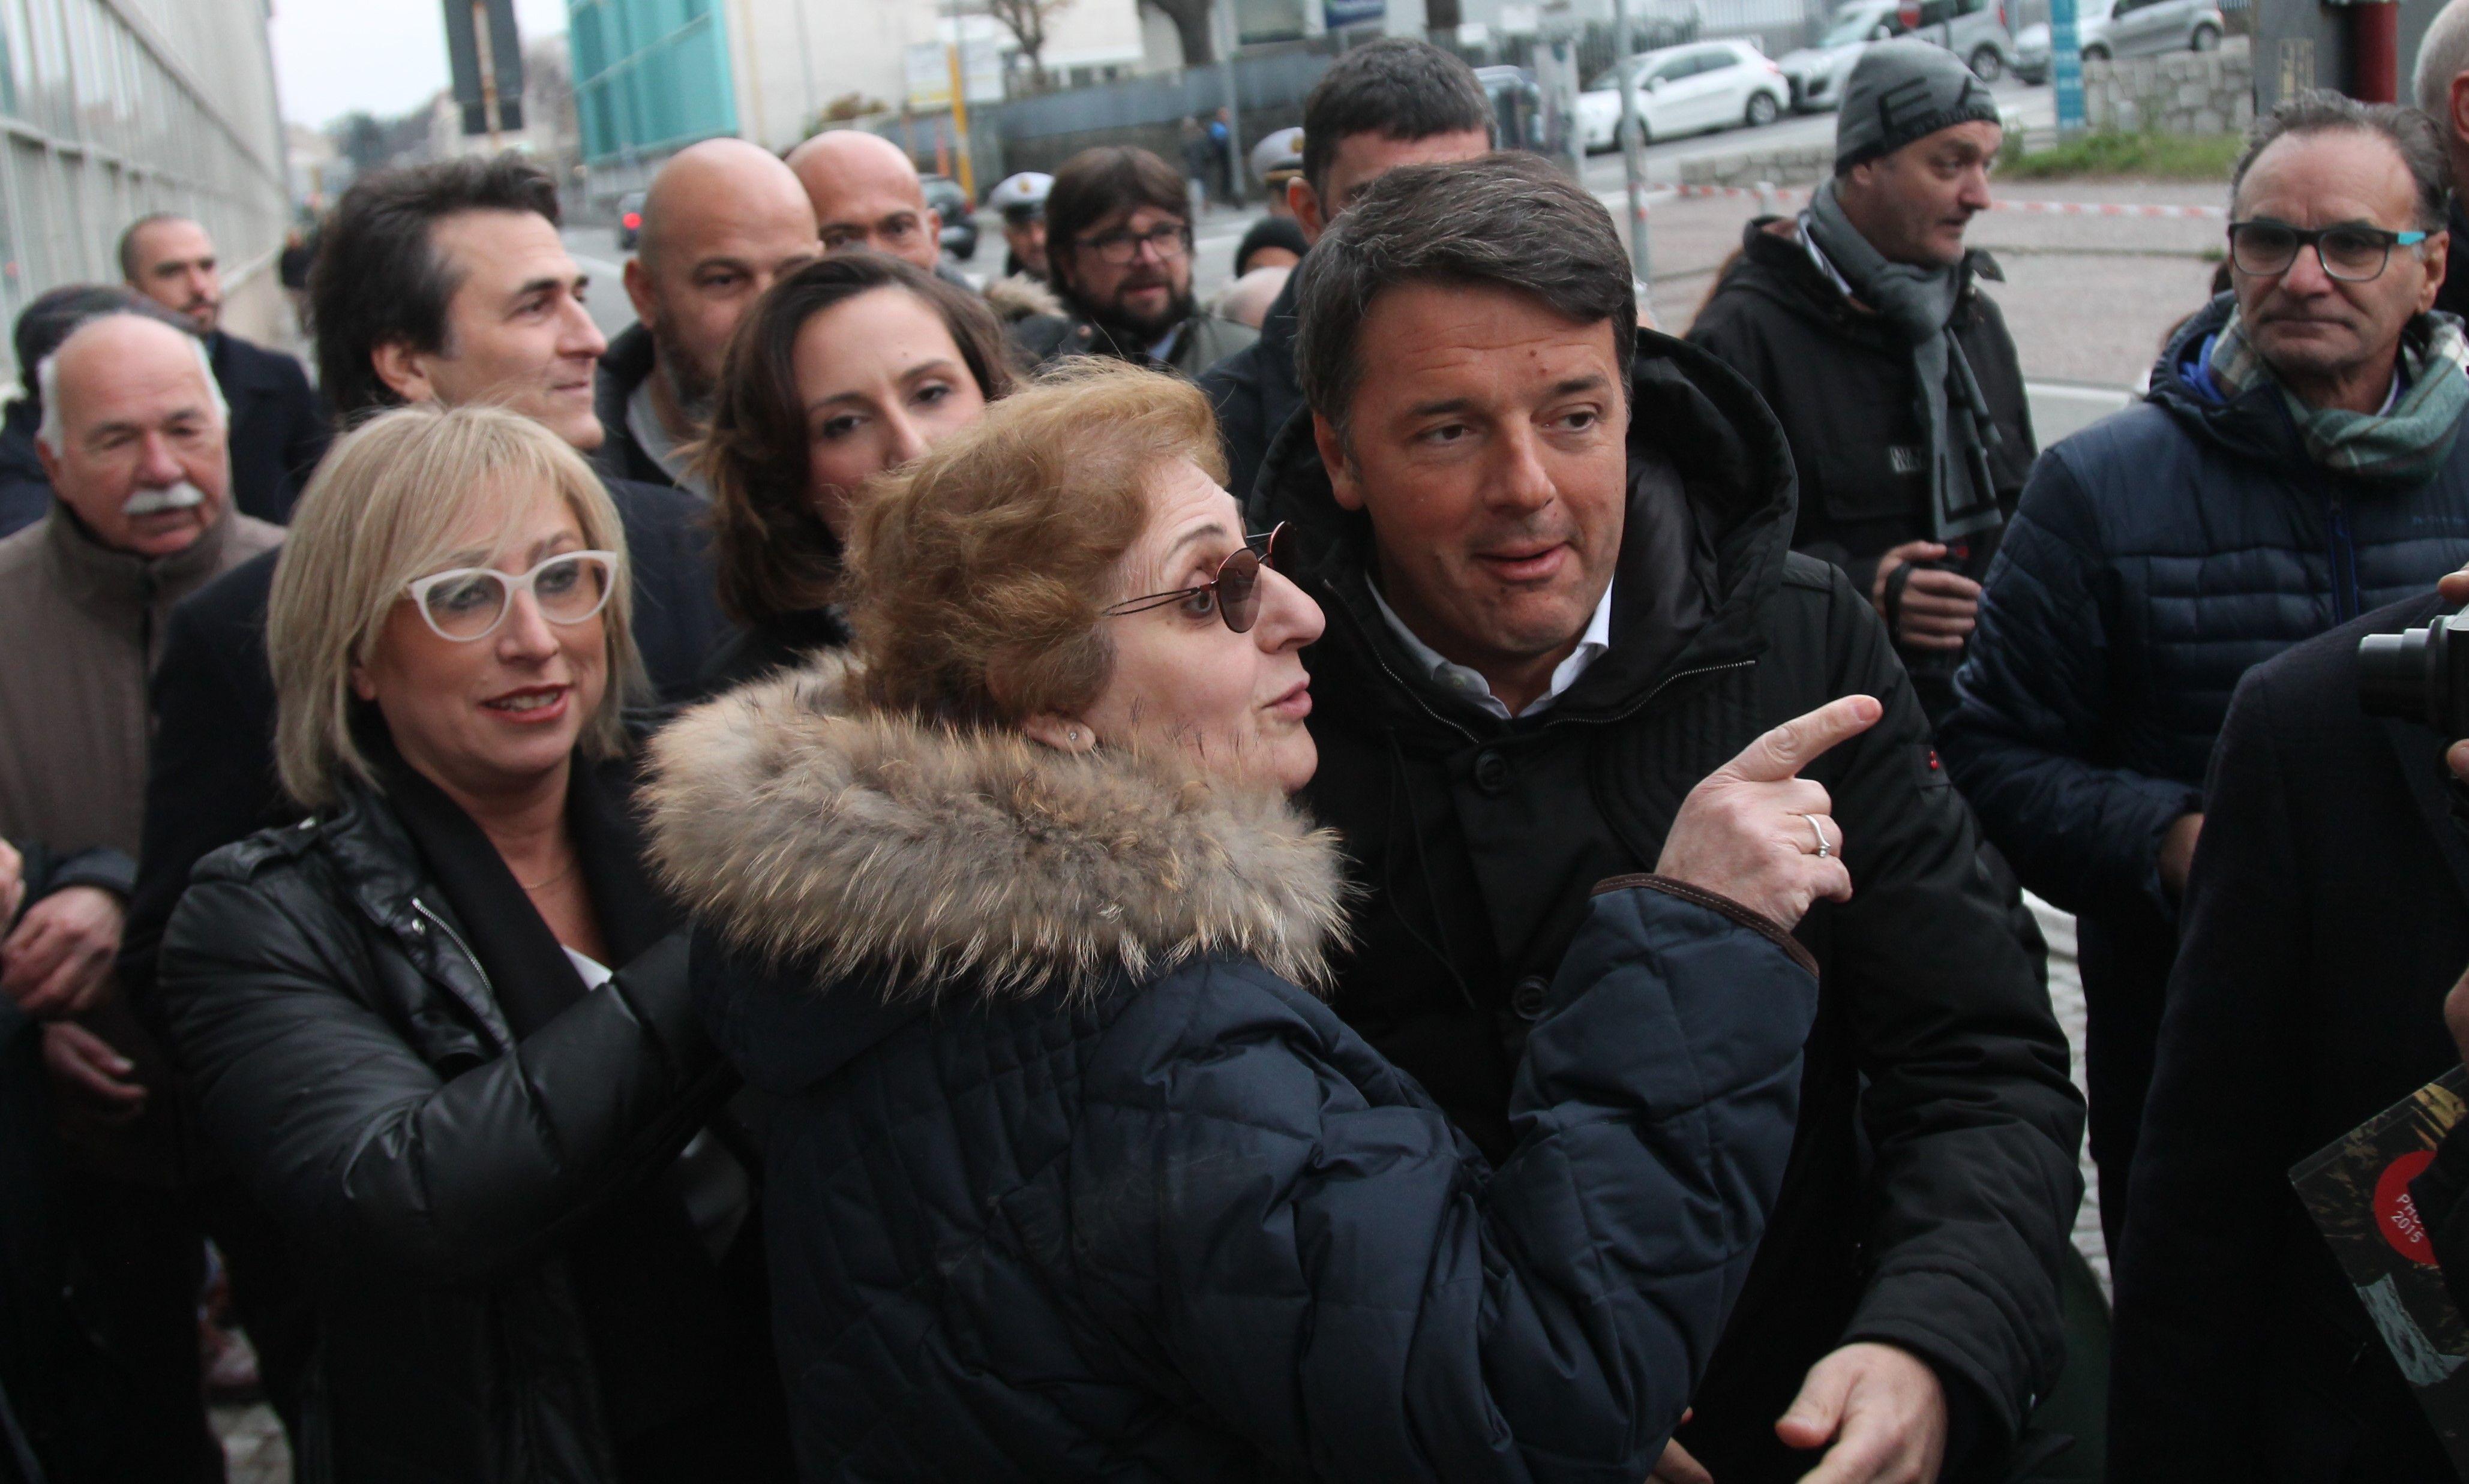 IVREA - In 200 da Renzi: «Impariamo dall'esempio di Olivetti» - FOTO